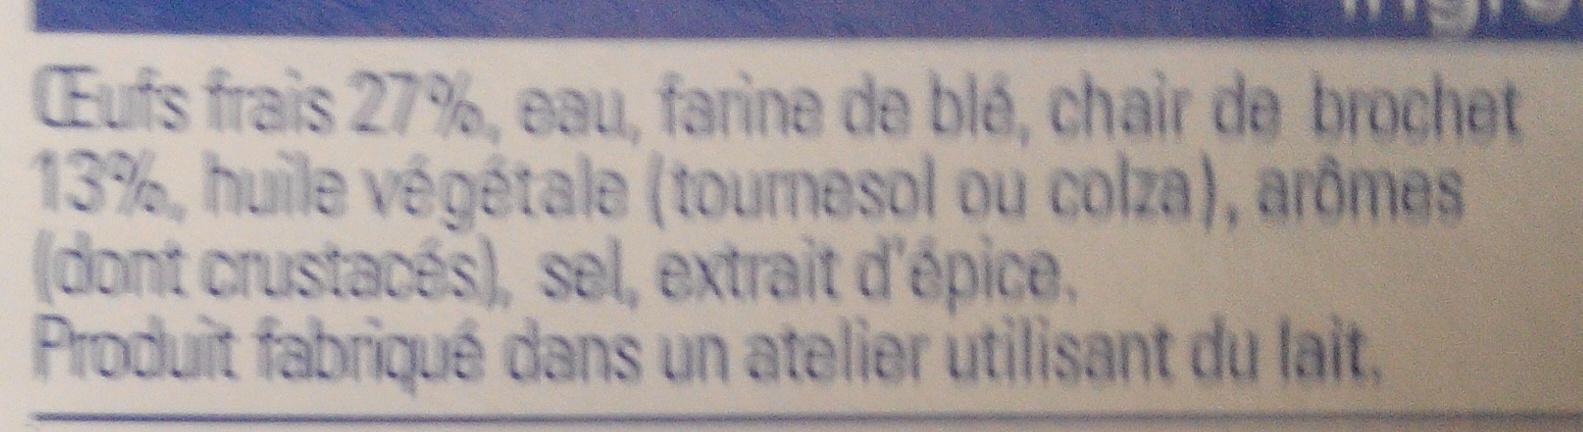 Quenelles Traiteur brochet - Ingrédients